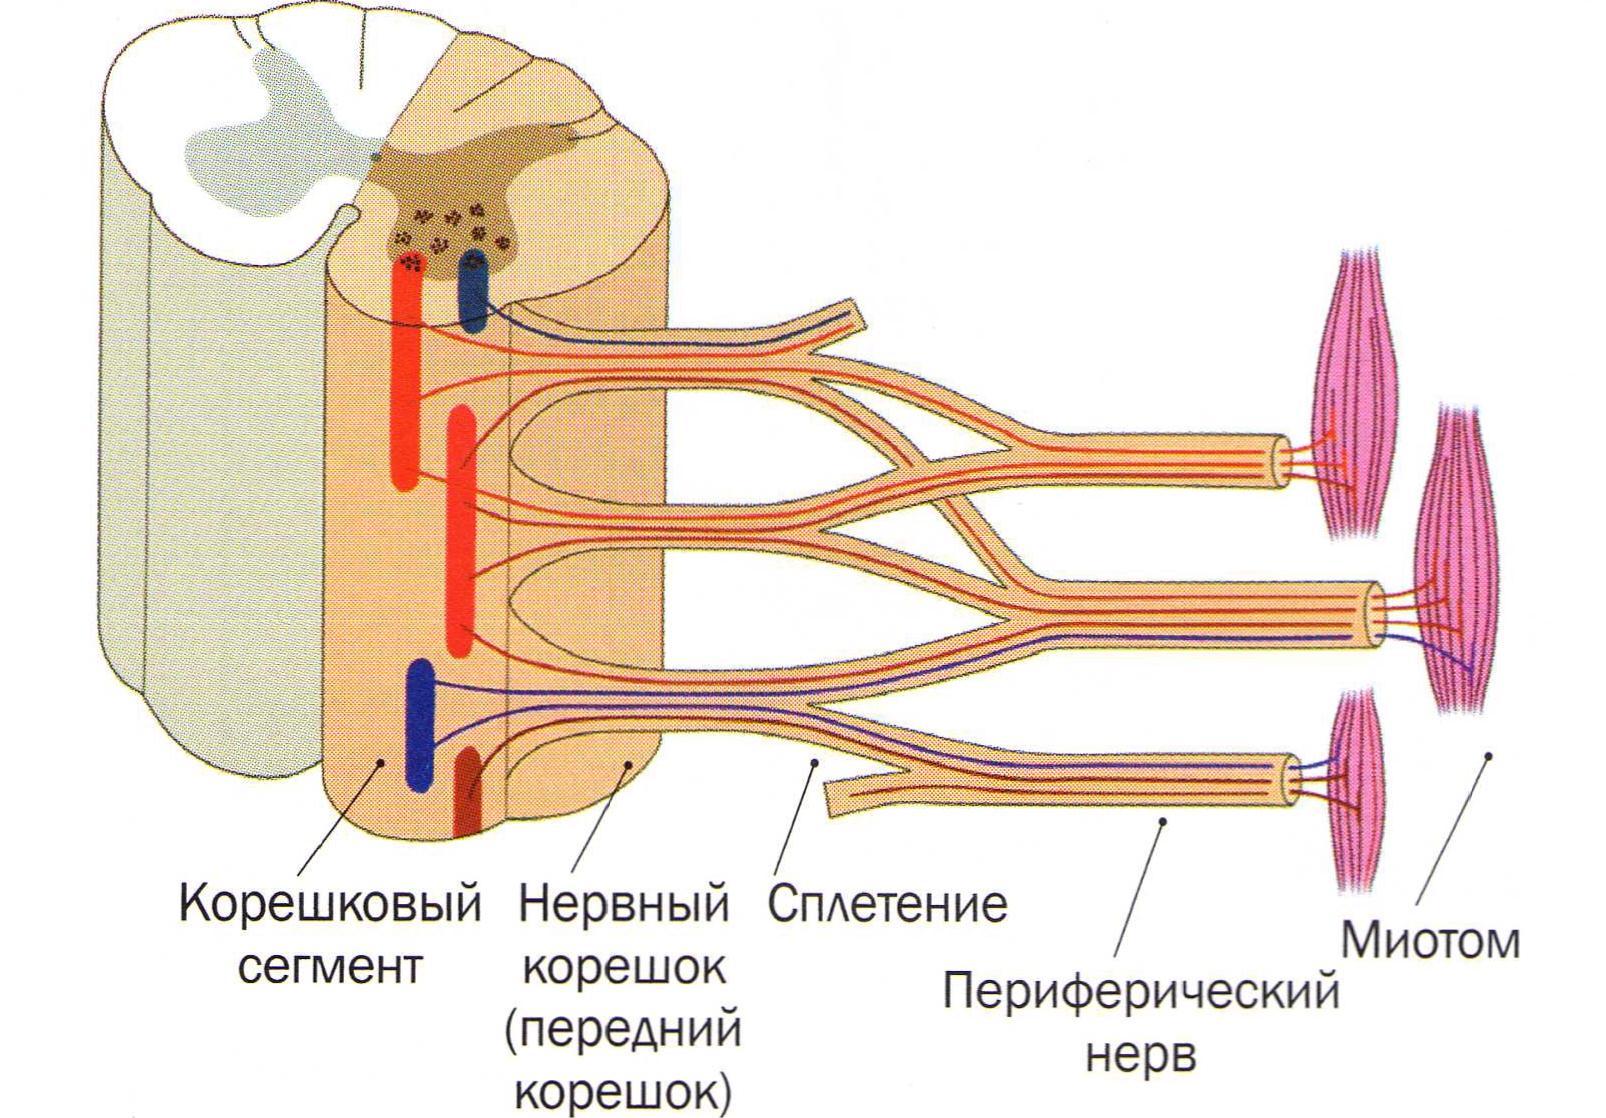 nervniy-koreshok